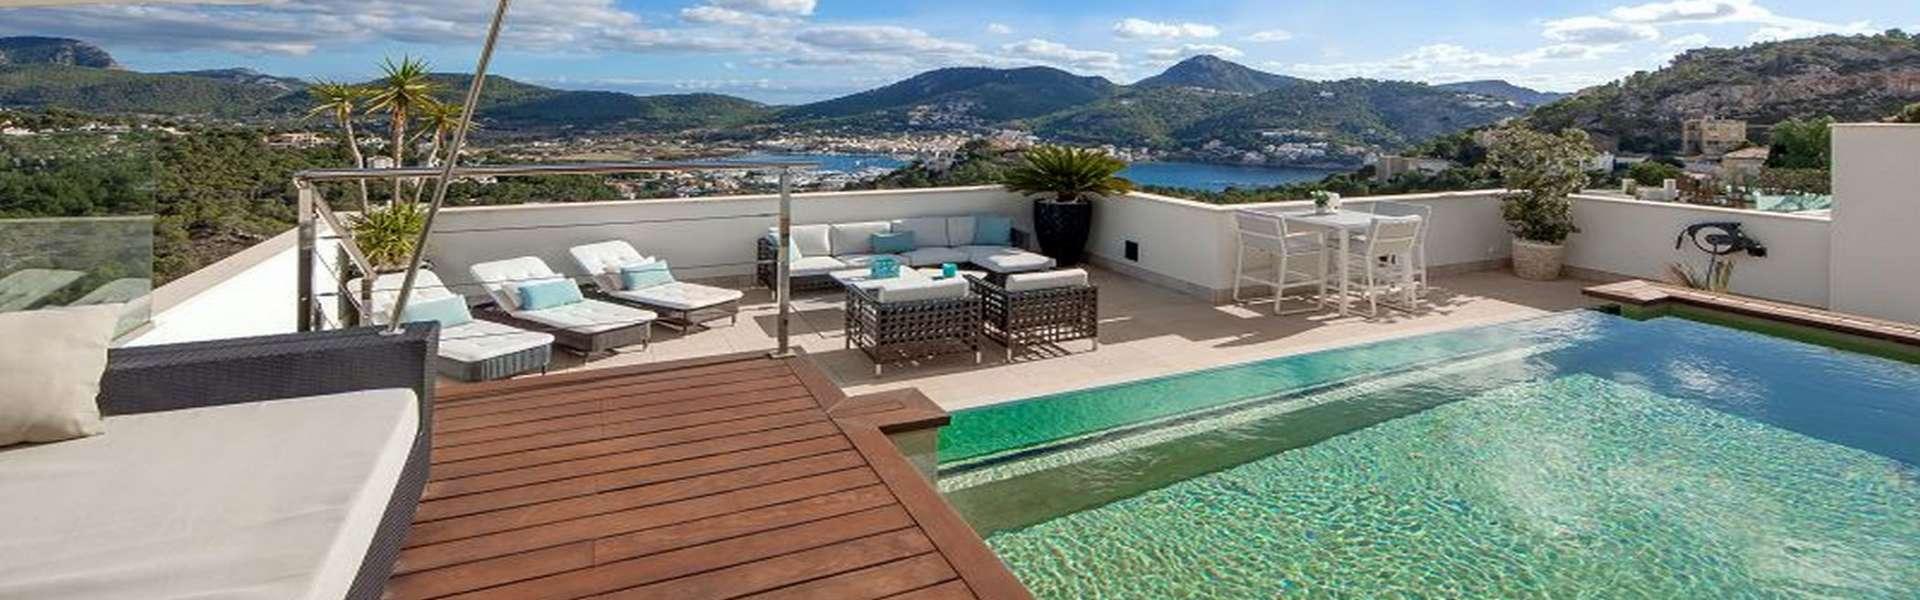 Port d'Andratx - Modernes und exklusives Penthouse zum Verkauf